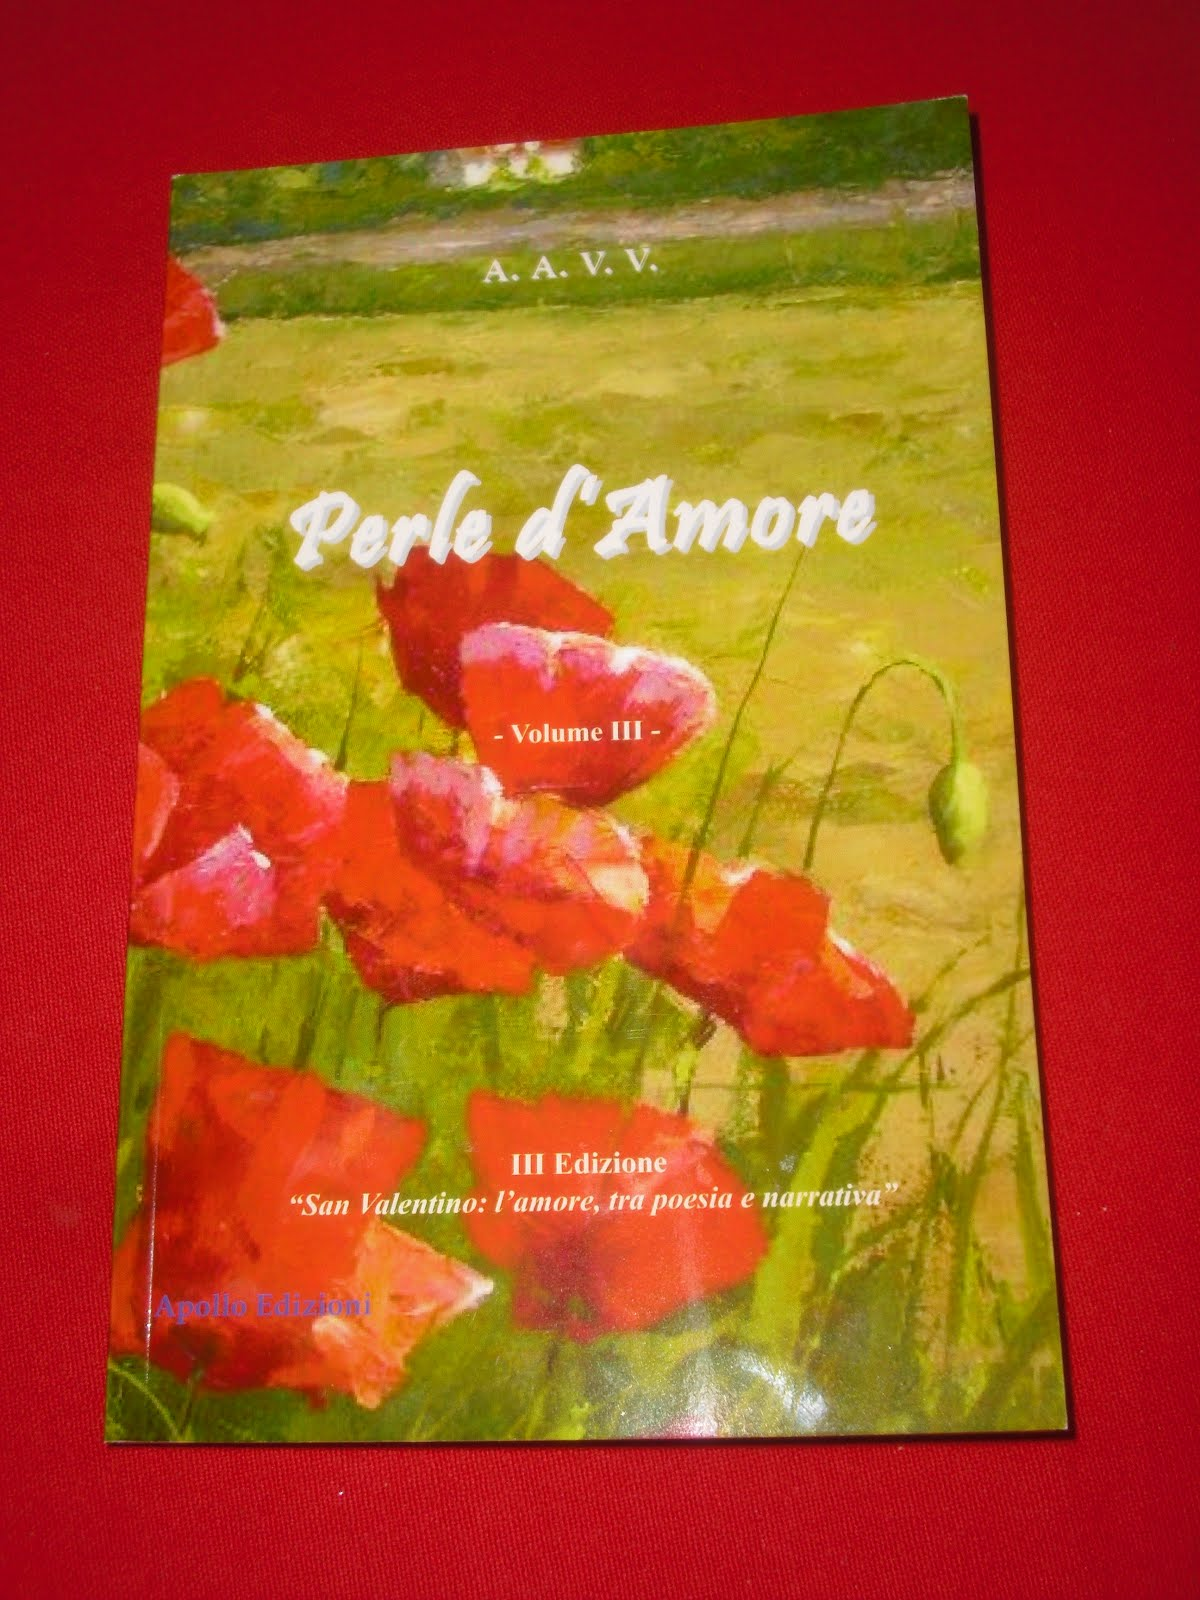 Un mio racconto nell'antologia Perle d'Amore di Apollo Edizioni 2017